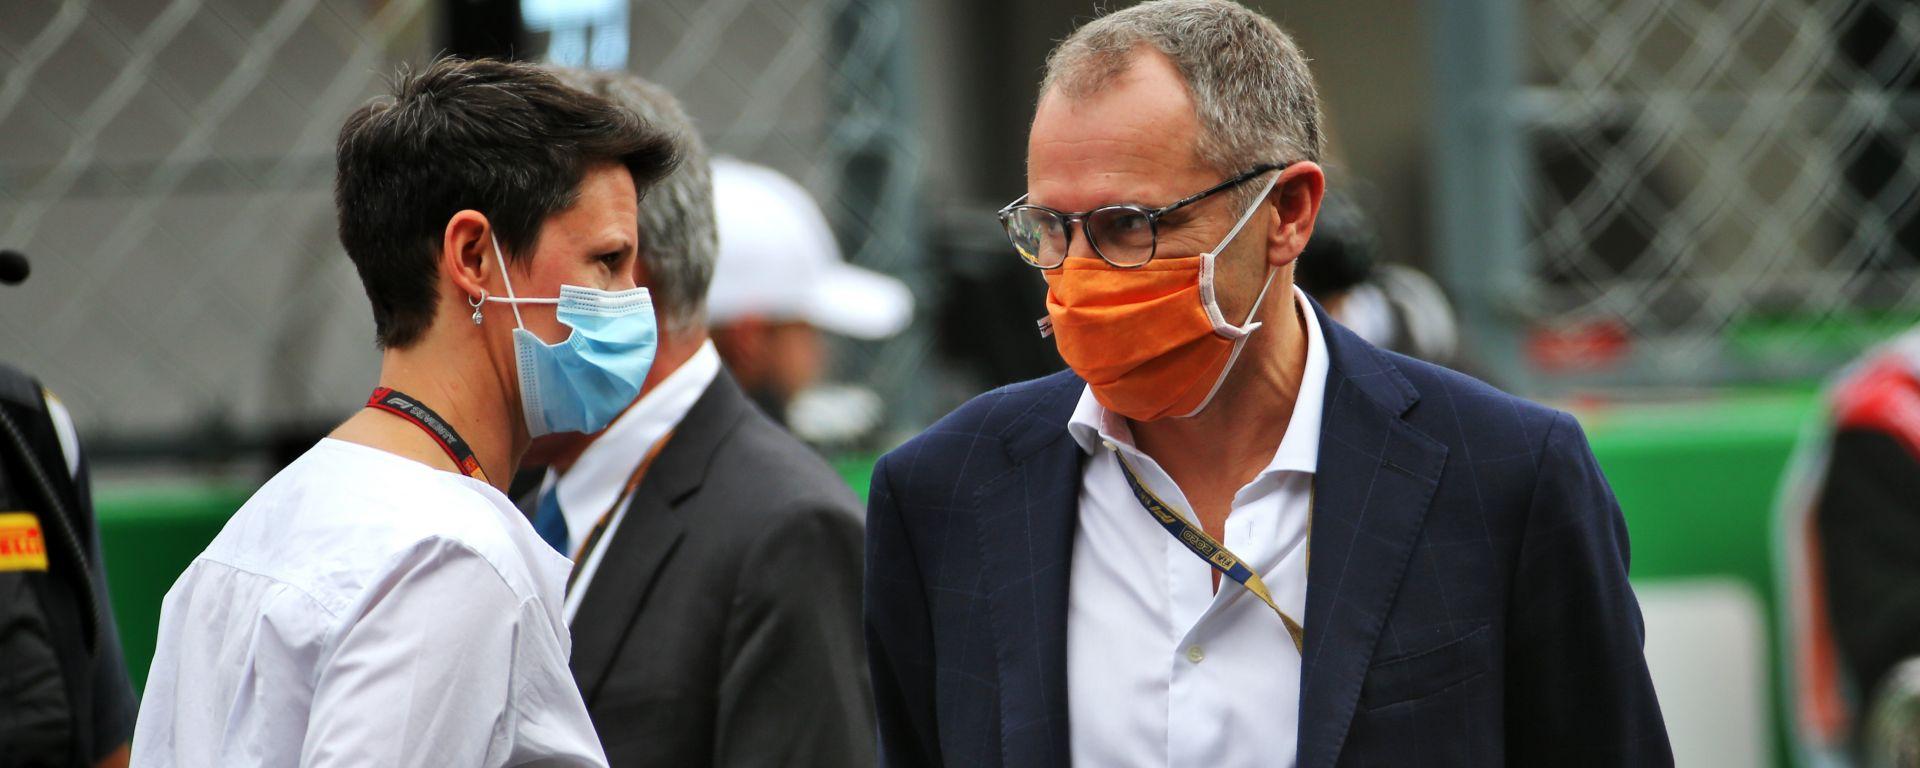 Stefano Domenicali (CEO Formula 1) al GP Portogallo 2020